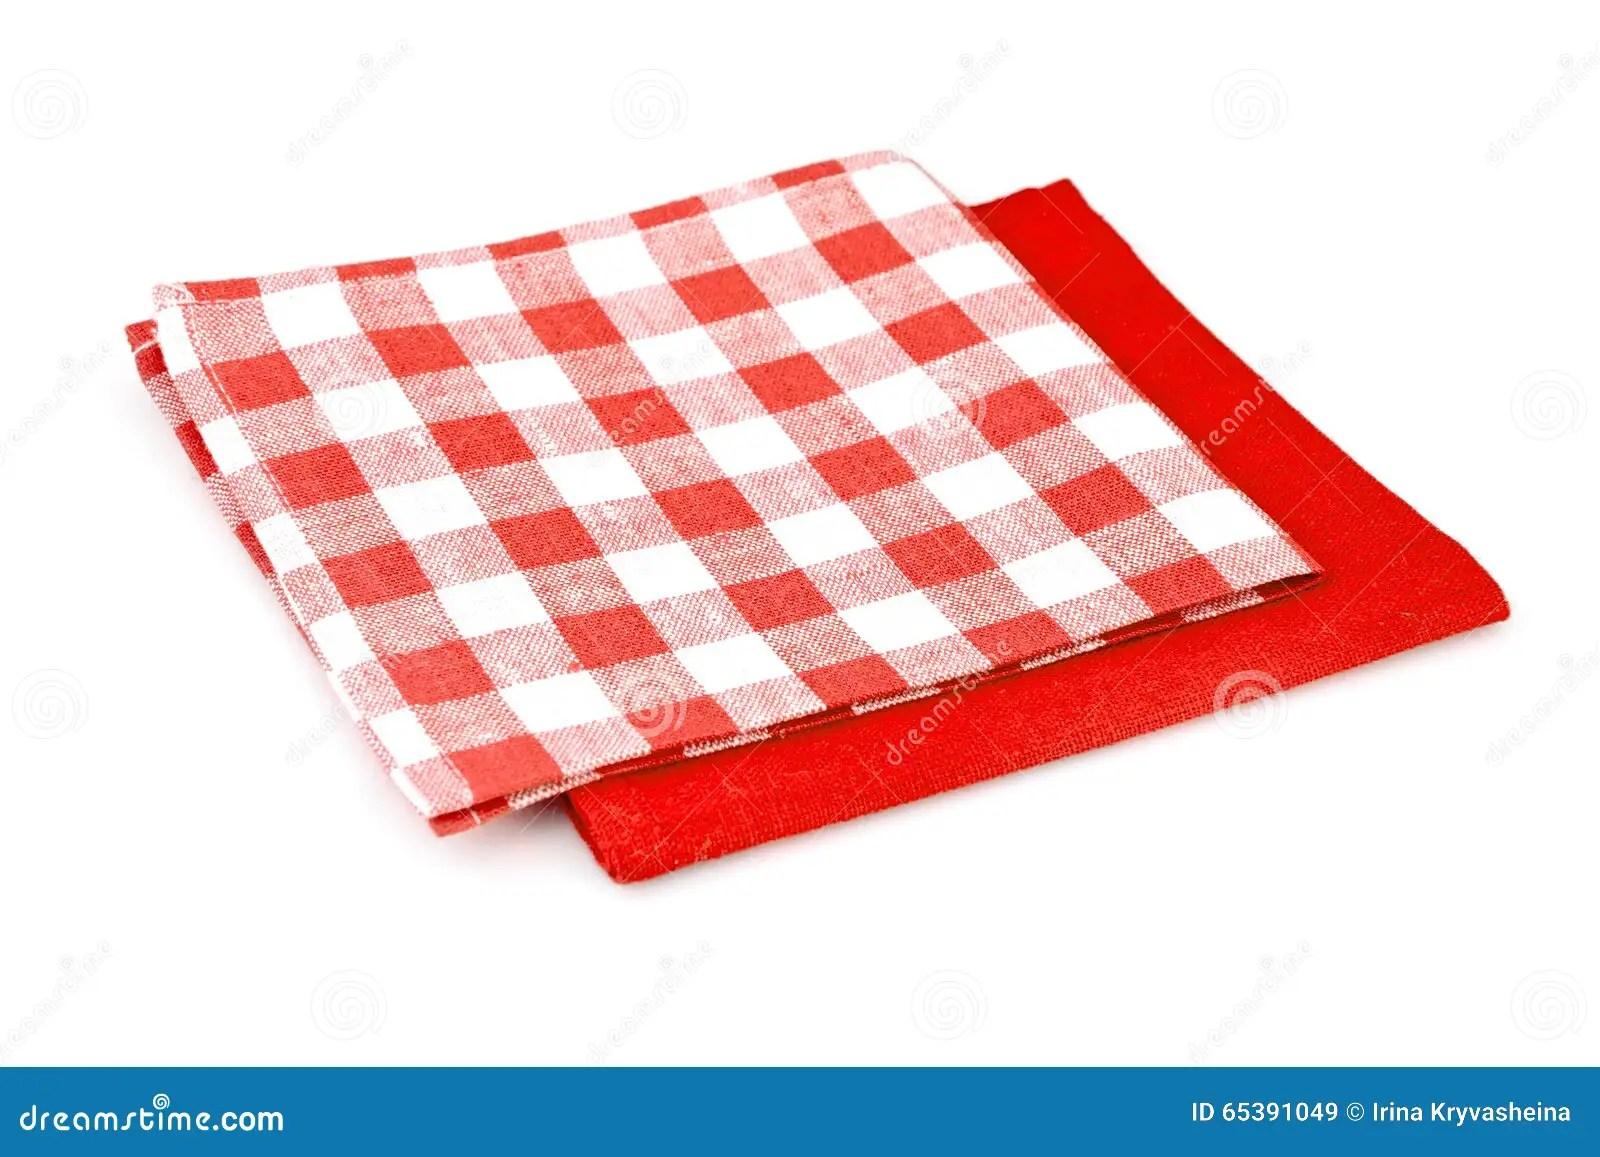 kitchen napkins compact kitchens nz 厨房餐巾服务库存图片 图片包括有餐巾 材料 国内 陶瓷 烹调 准备 厨房在白色隔绝的餐巾服务工作室照片